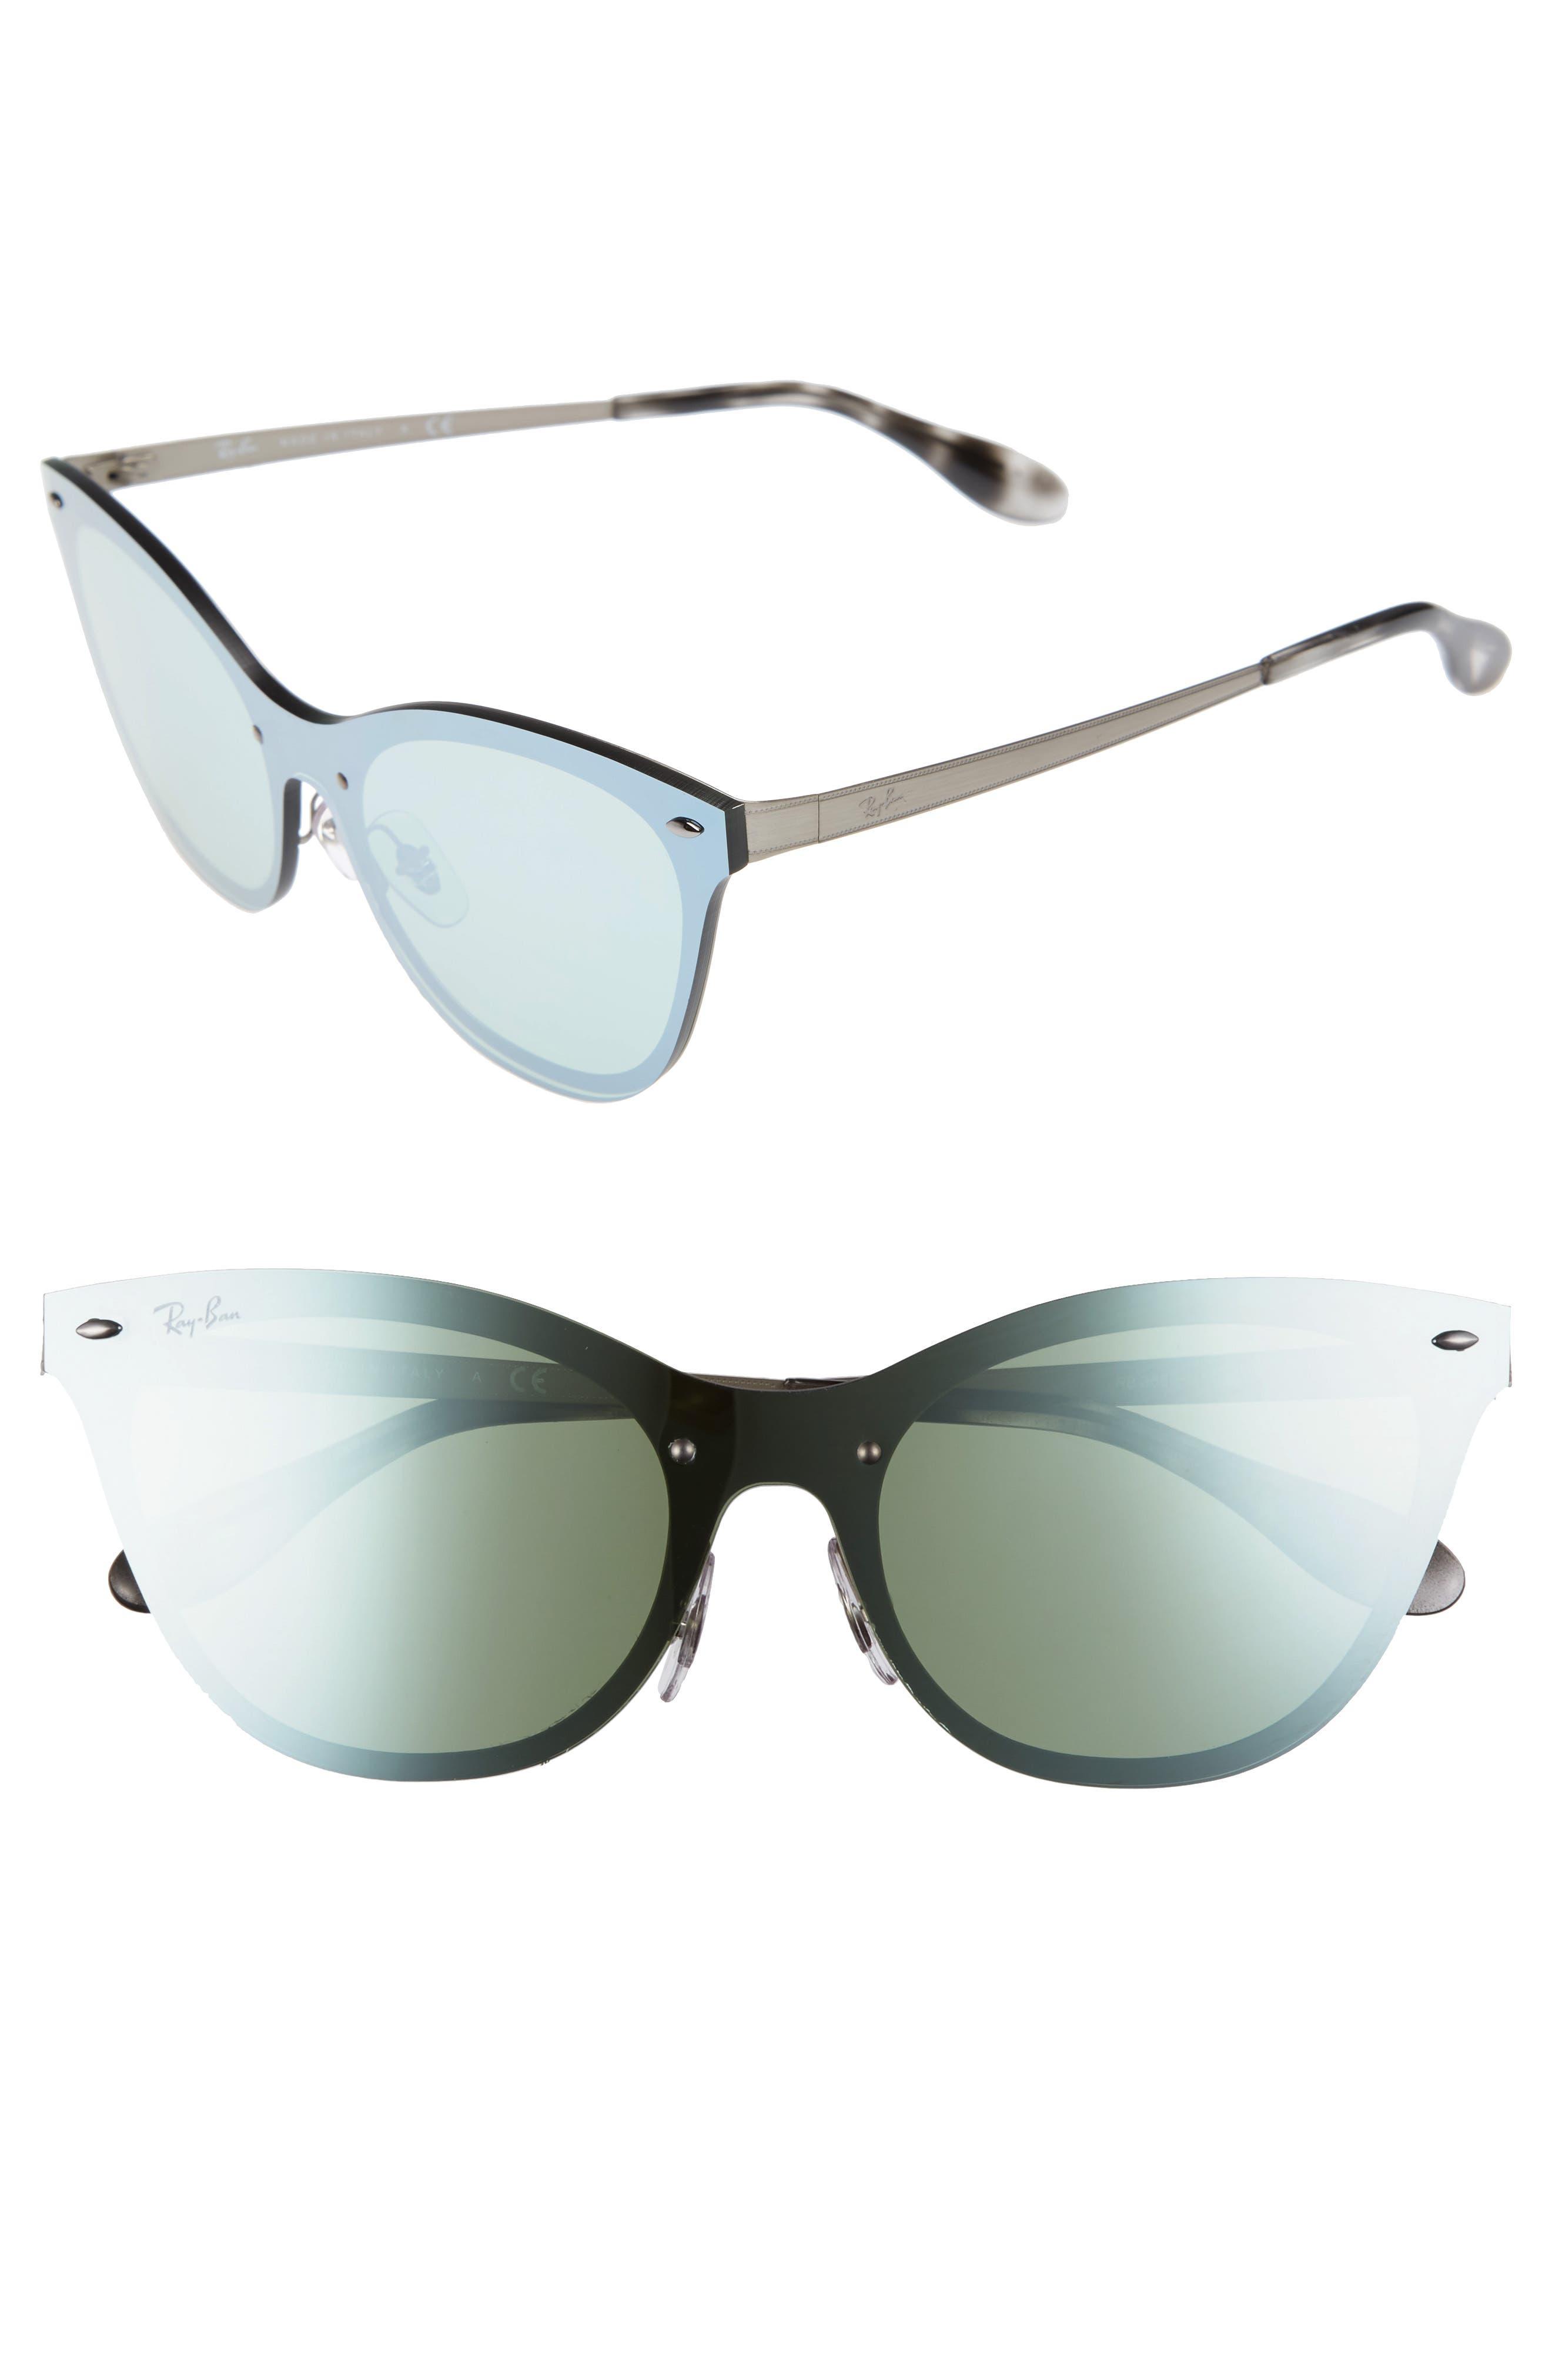 50mm Blaze Clubmaster Mirrored Sunglasses,                         Main,                         color, Silver